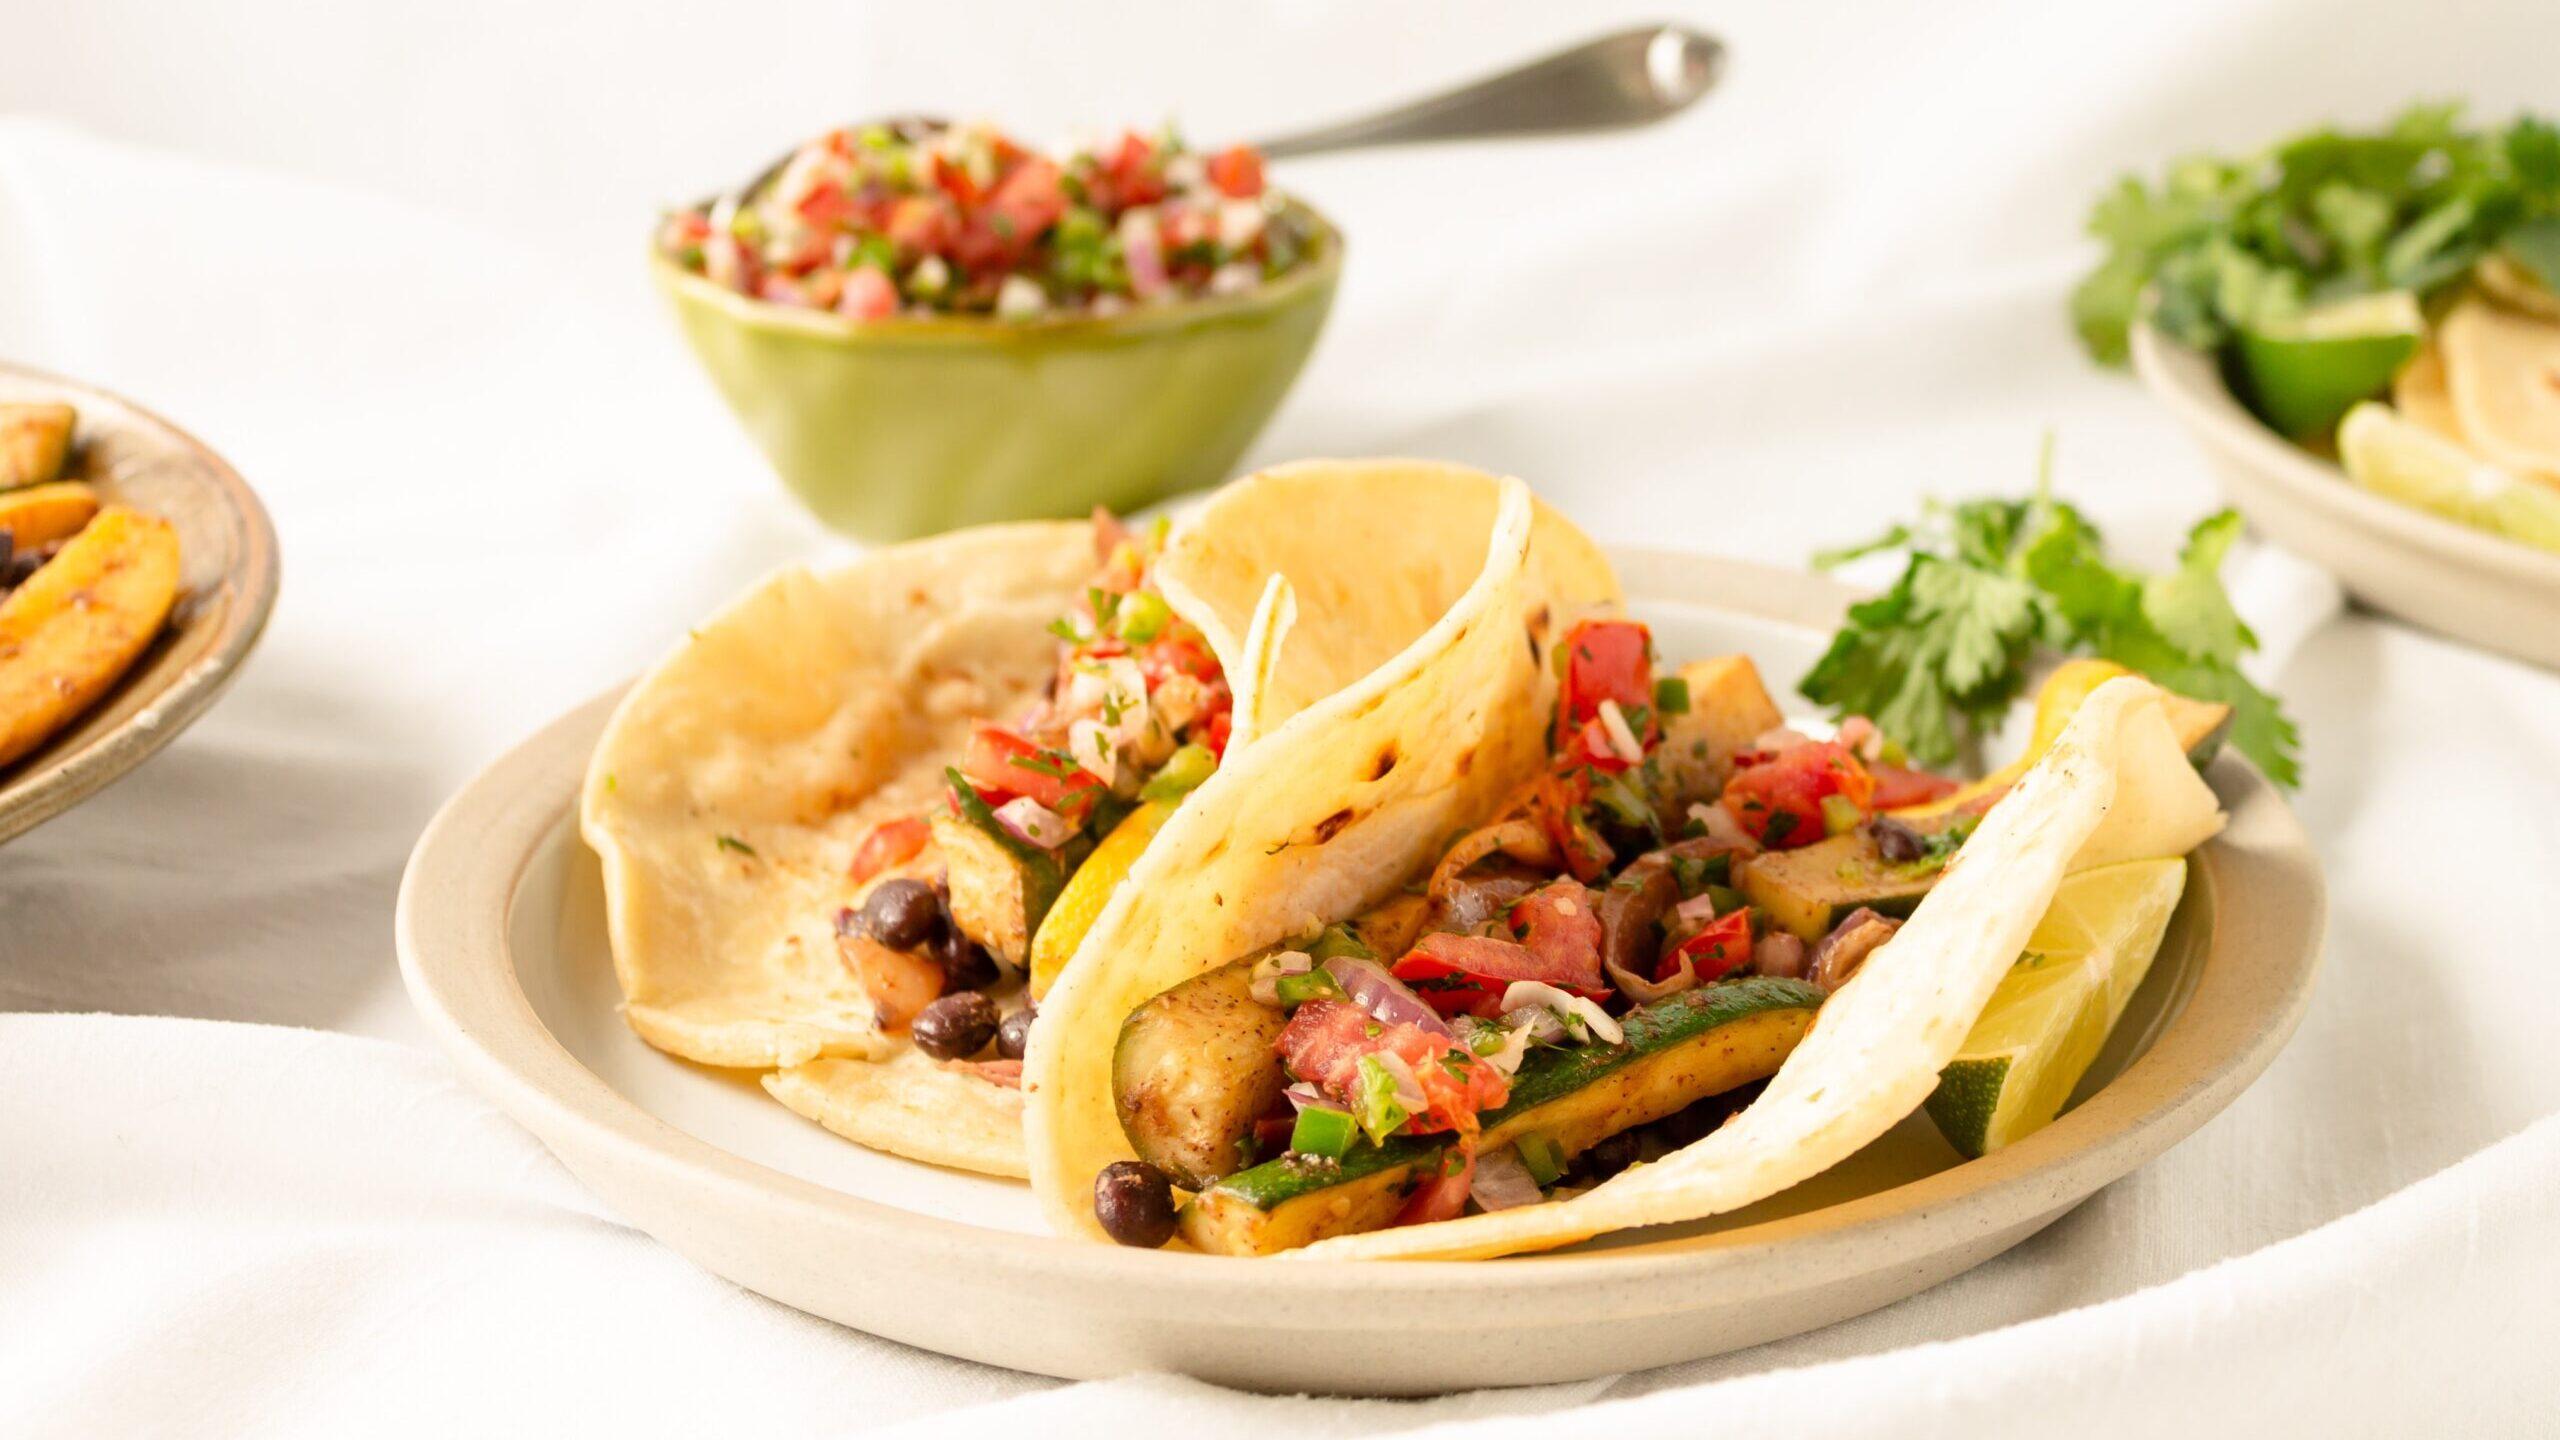 La historia de la tortilla, un emblema mexicano